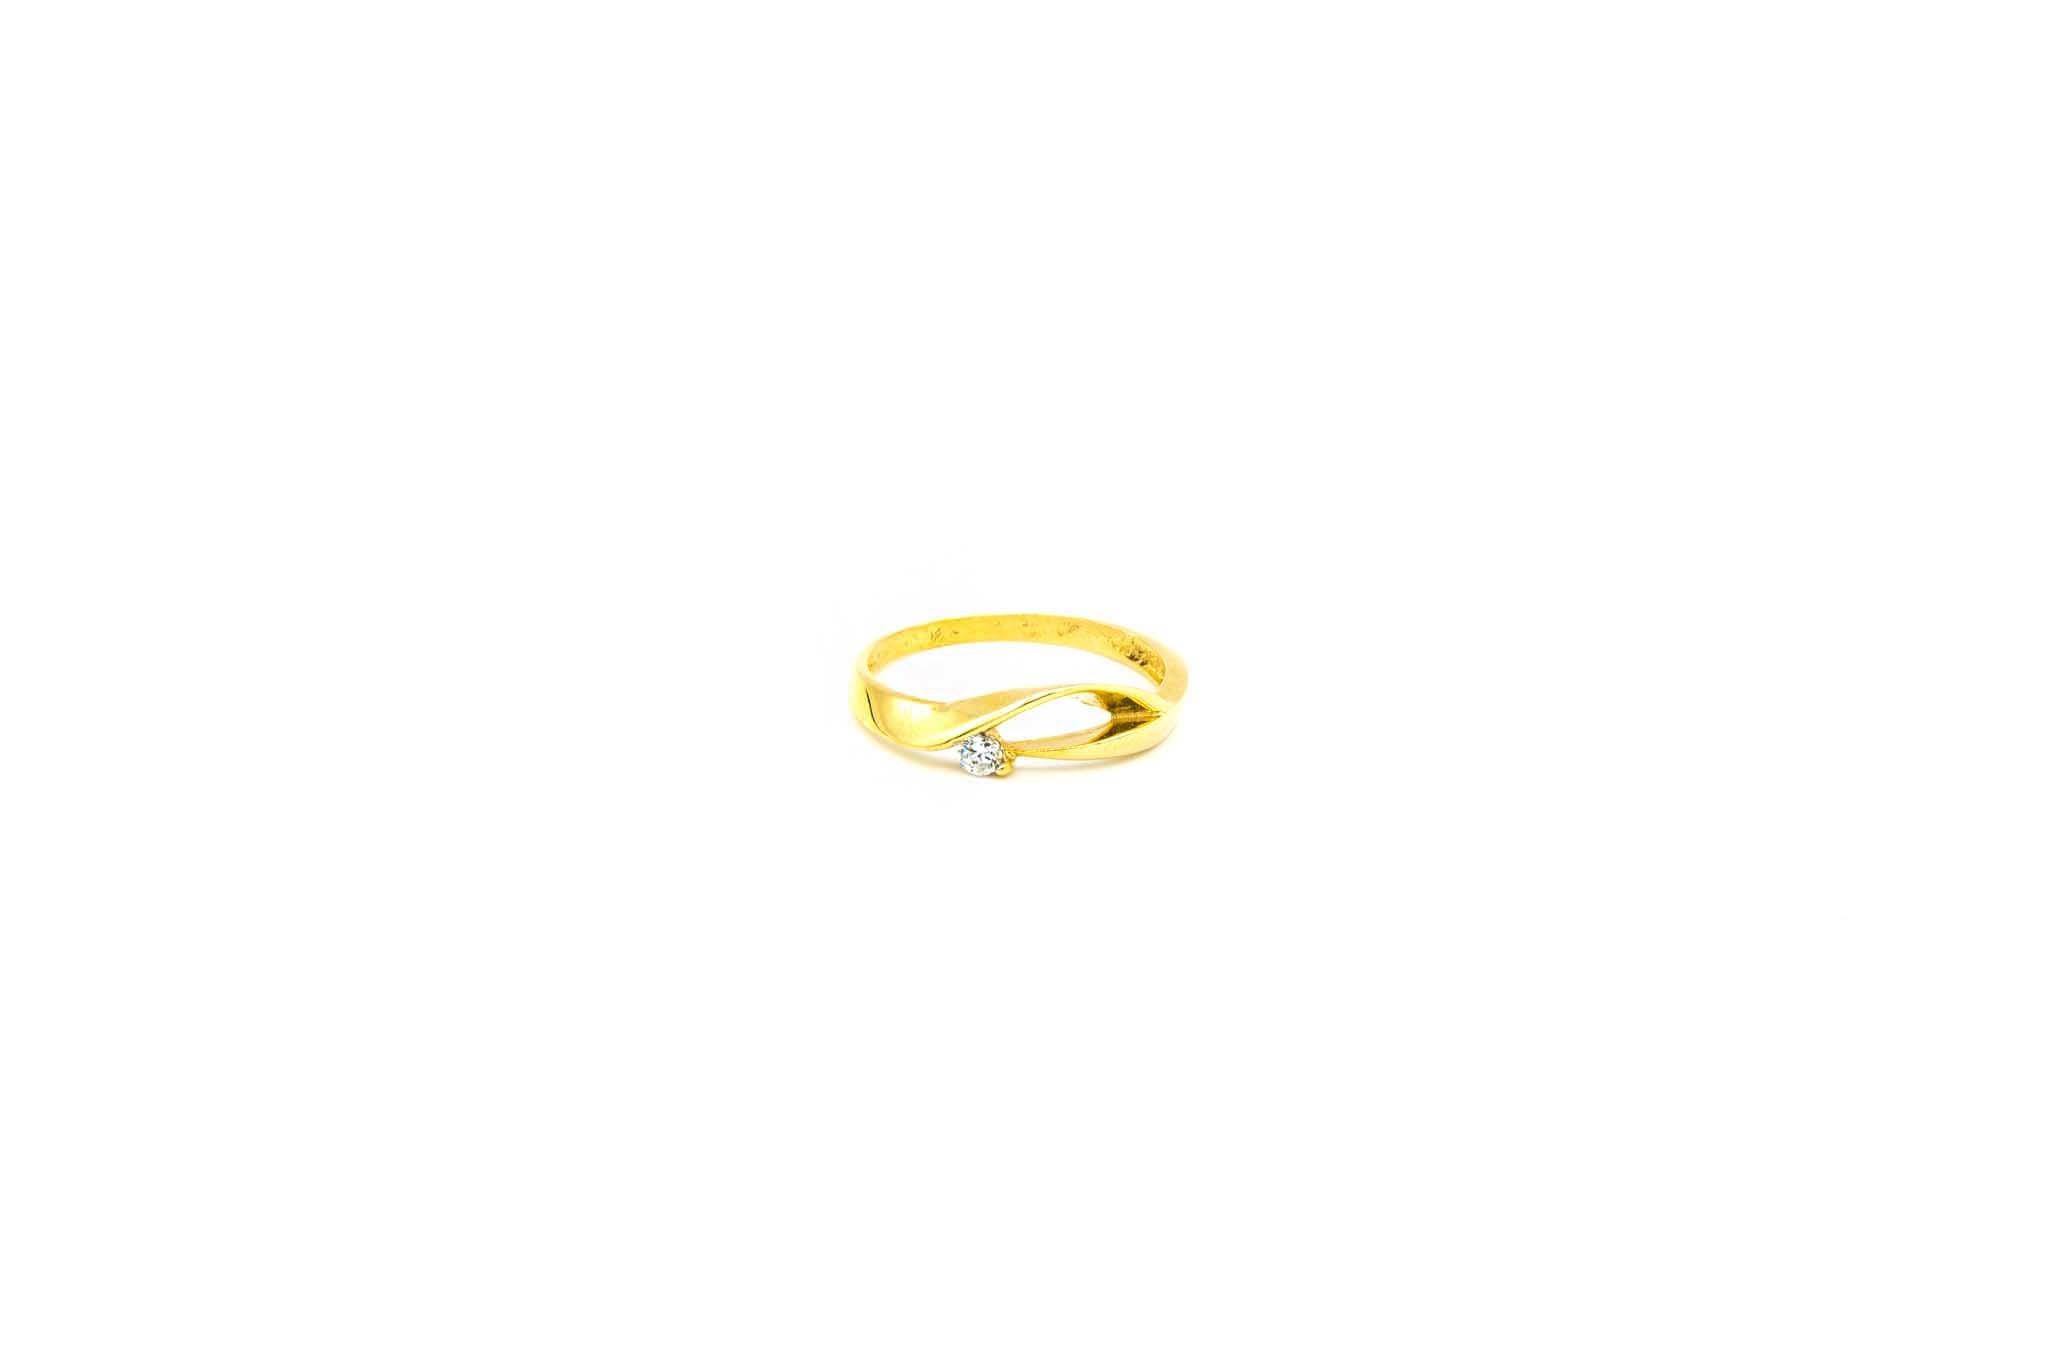 Ring fantasie opengewerkte band met zirkonia-1